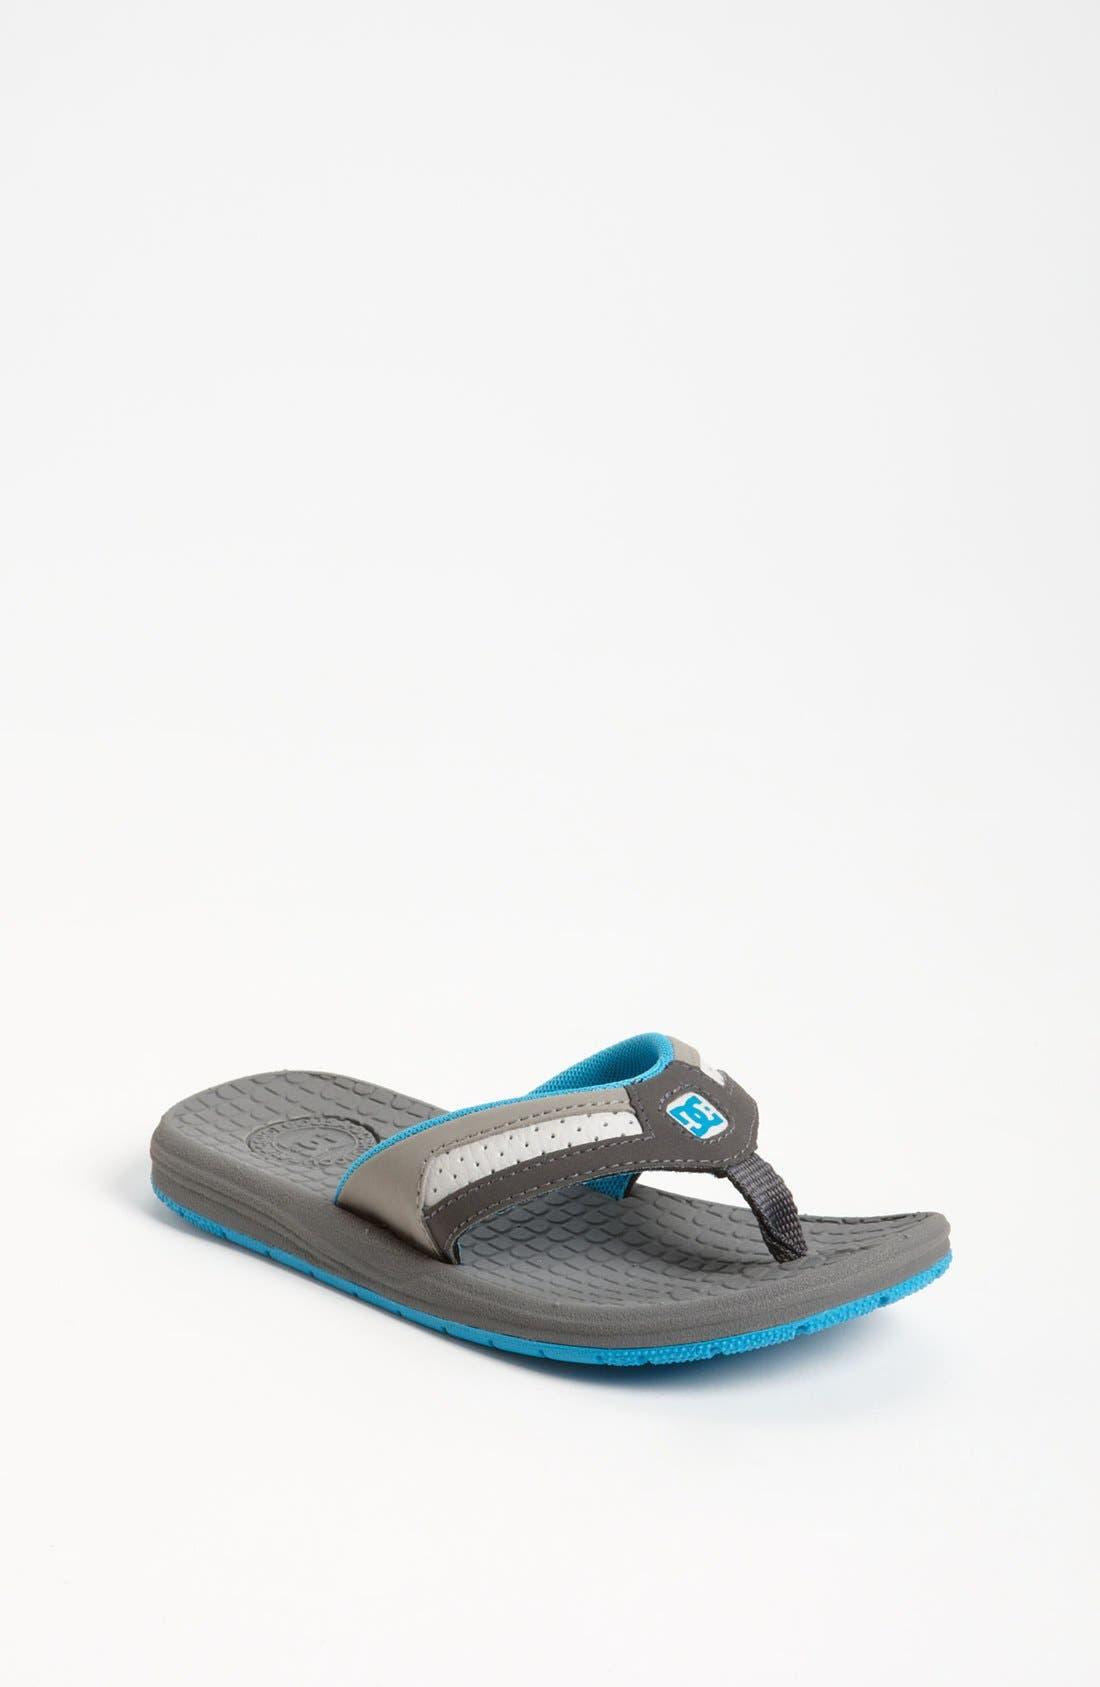 Main Image - DC Shoes 'Cabo' Flip Flop (Toddler, Little Kid & Big Kid)